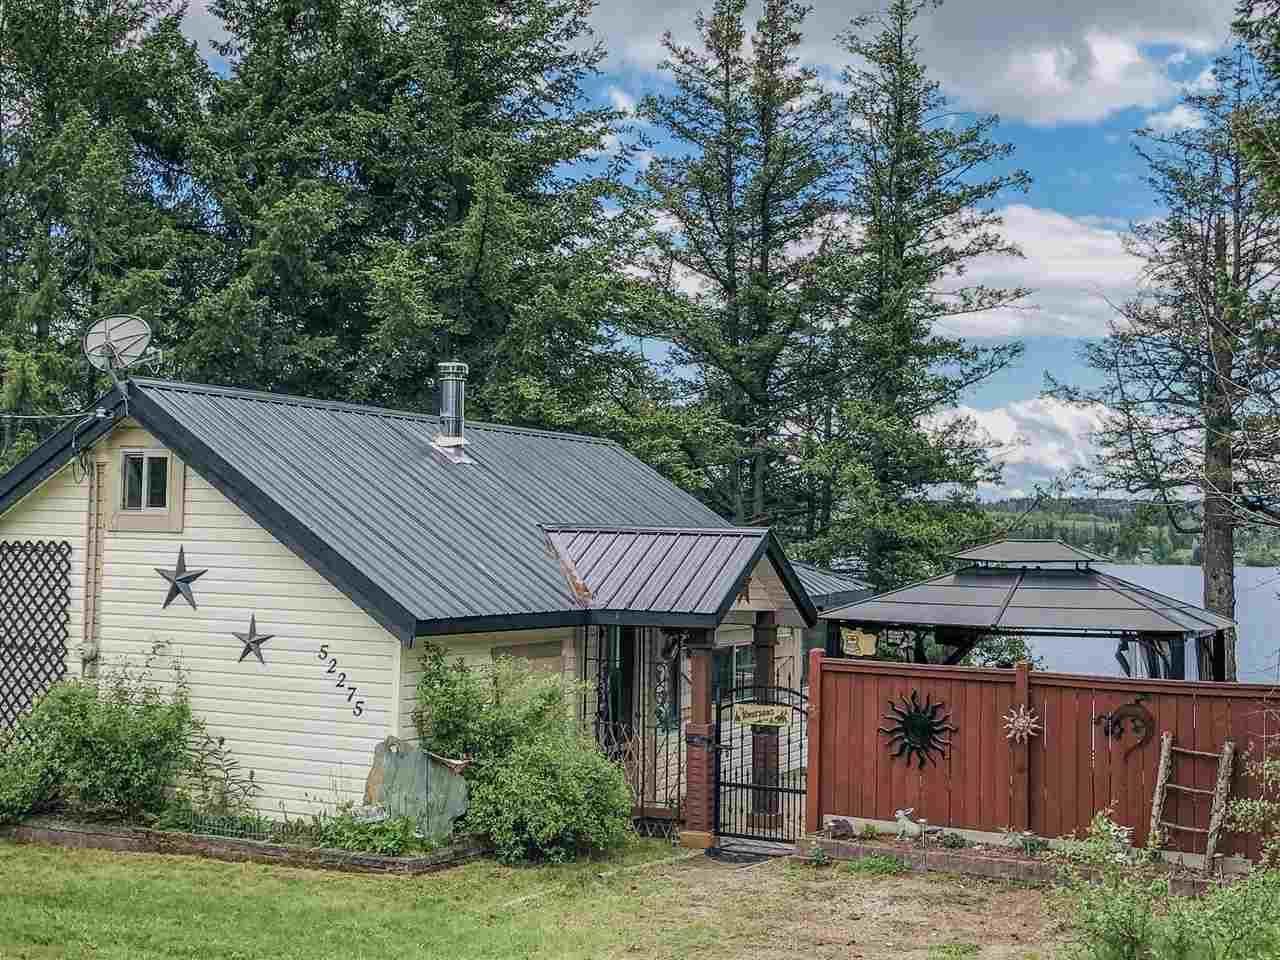 """Main Photo: 52275 GUEST Road in Vanderhoof - Rural: Cluculz Lake House for sale in """"Cluculz Lake"""" (PG Rural West (Zone 77))  : MLS®# R2542900"""